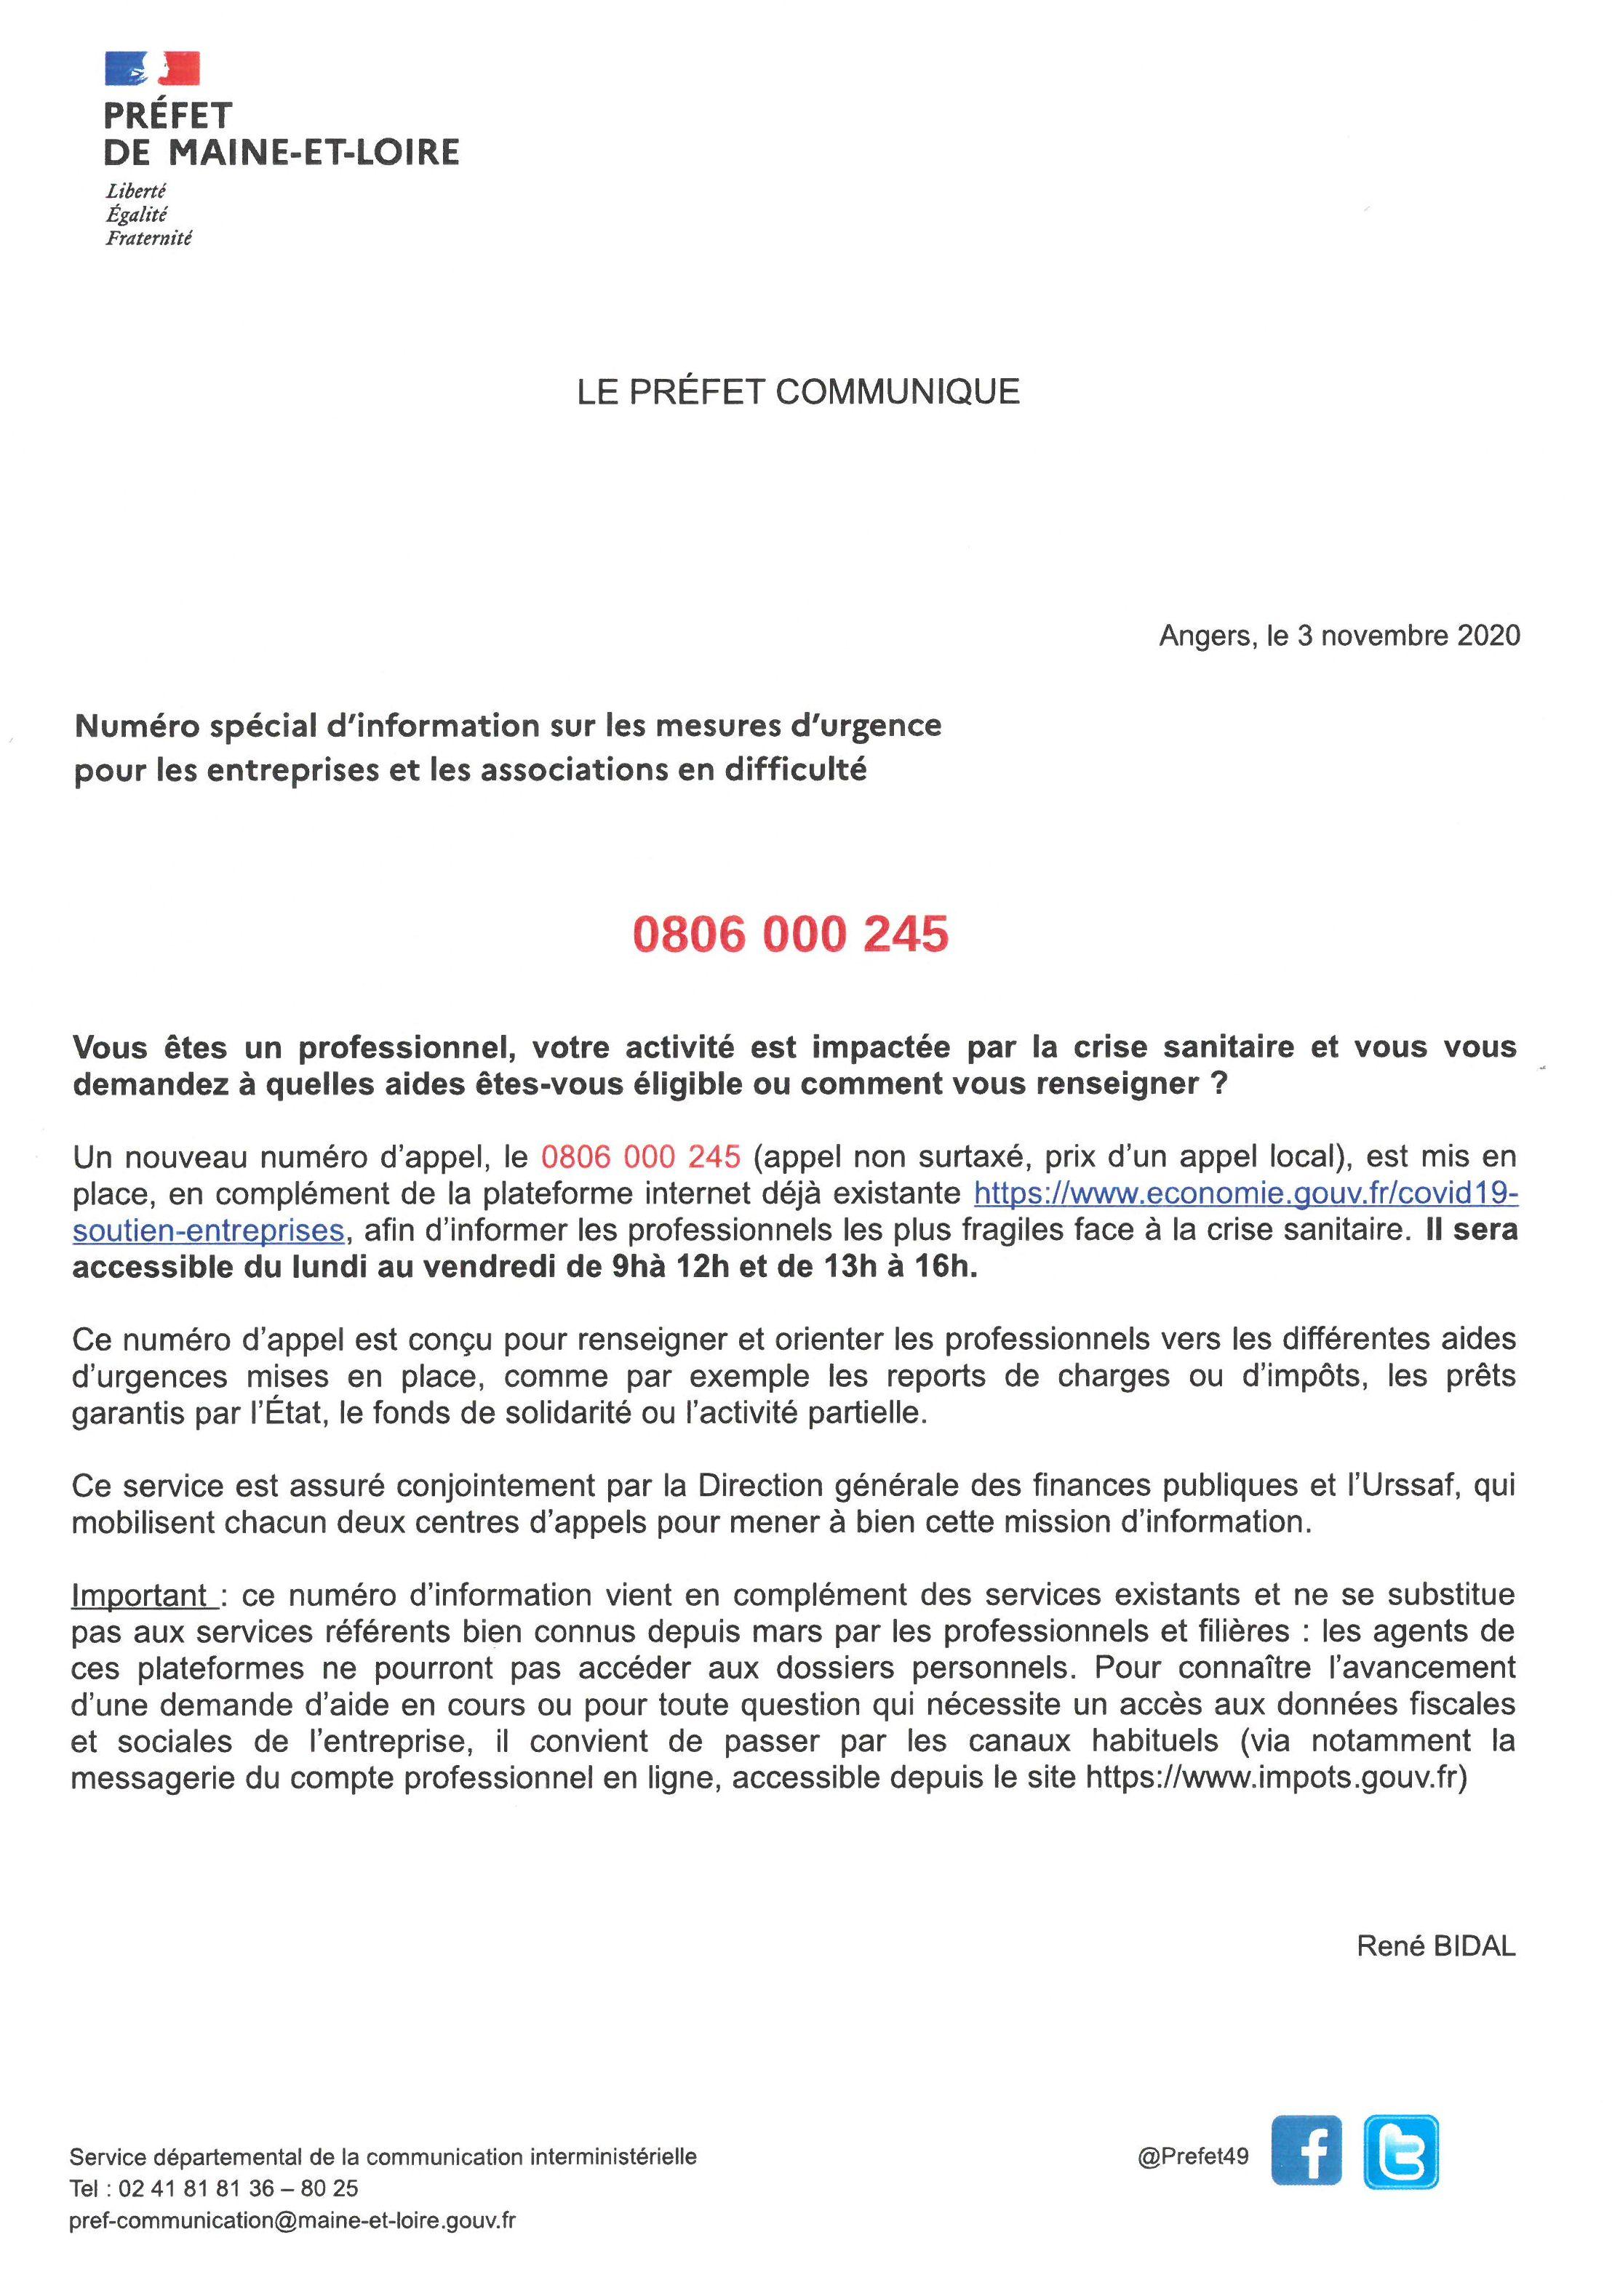 Communiqué__mesure_urgence_entreprises_associations.jpg